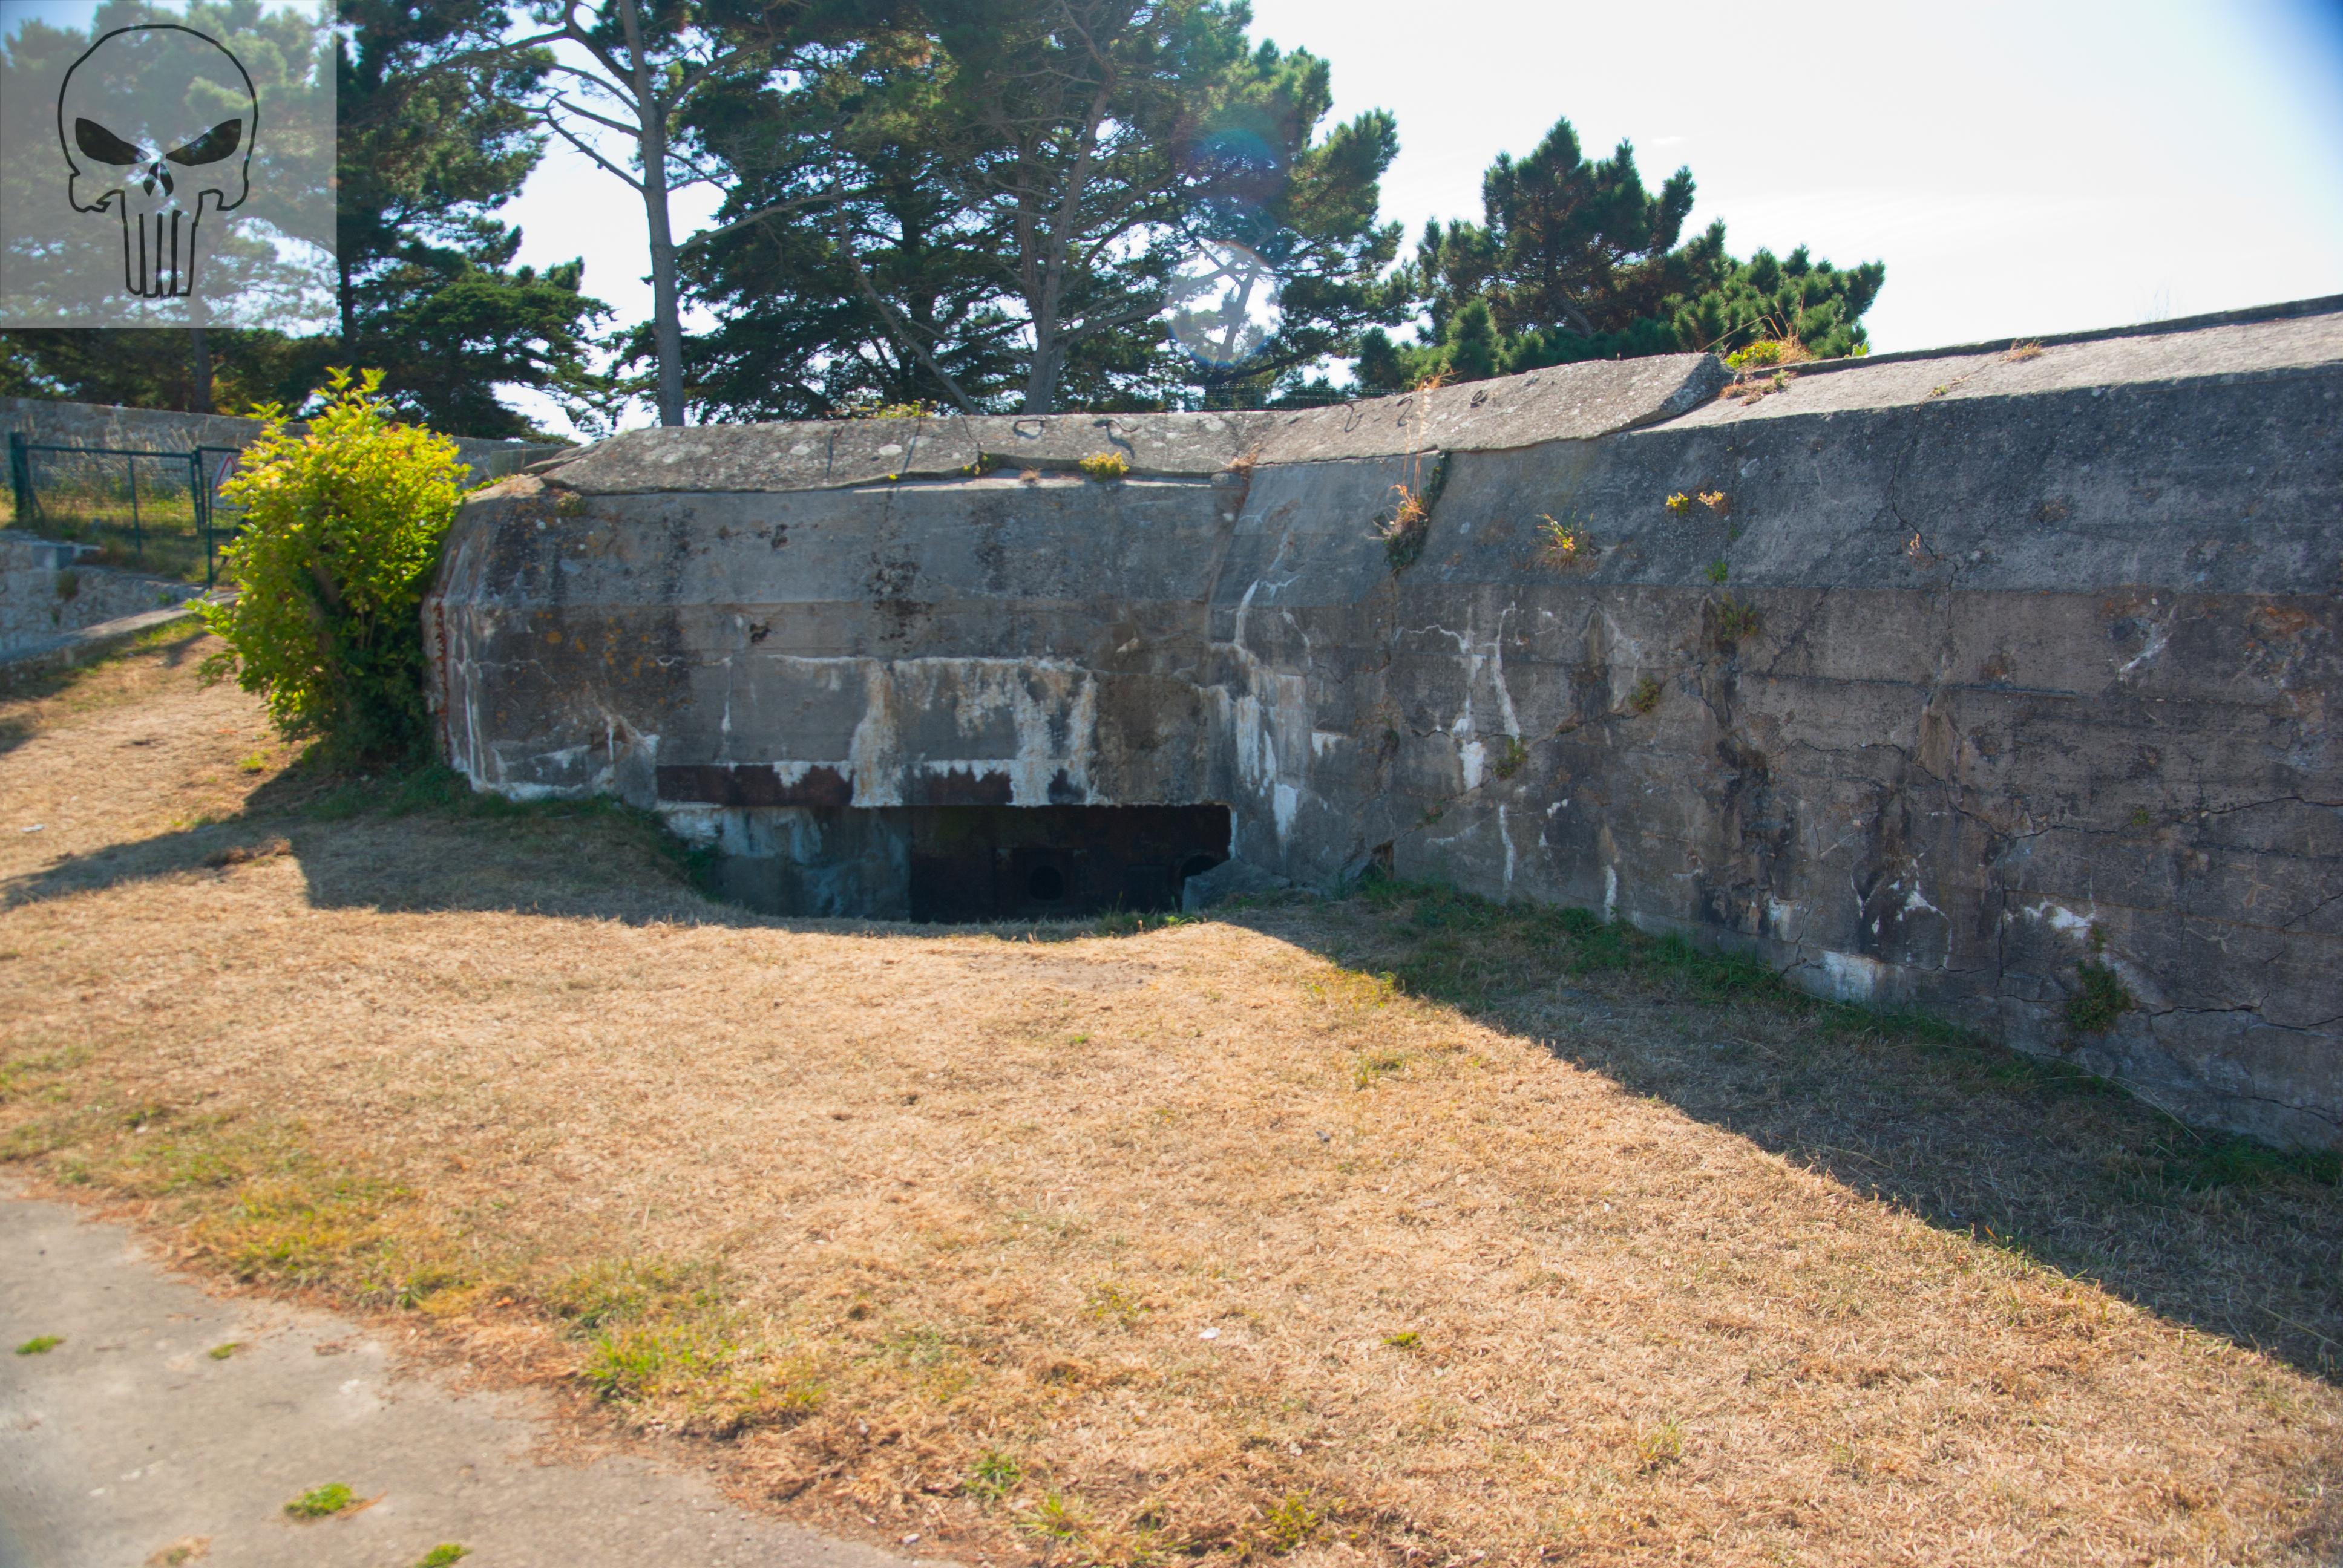 Mémorial 39-45 de Saint-Malo Rr4k